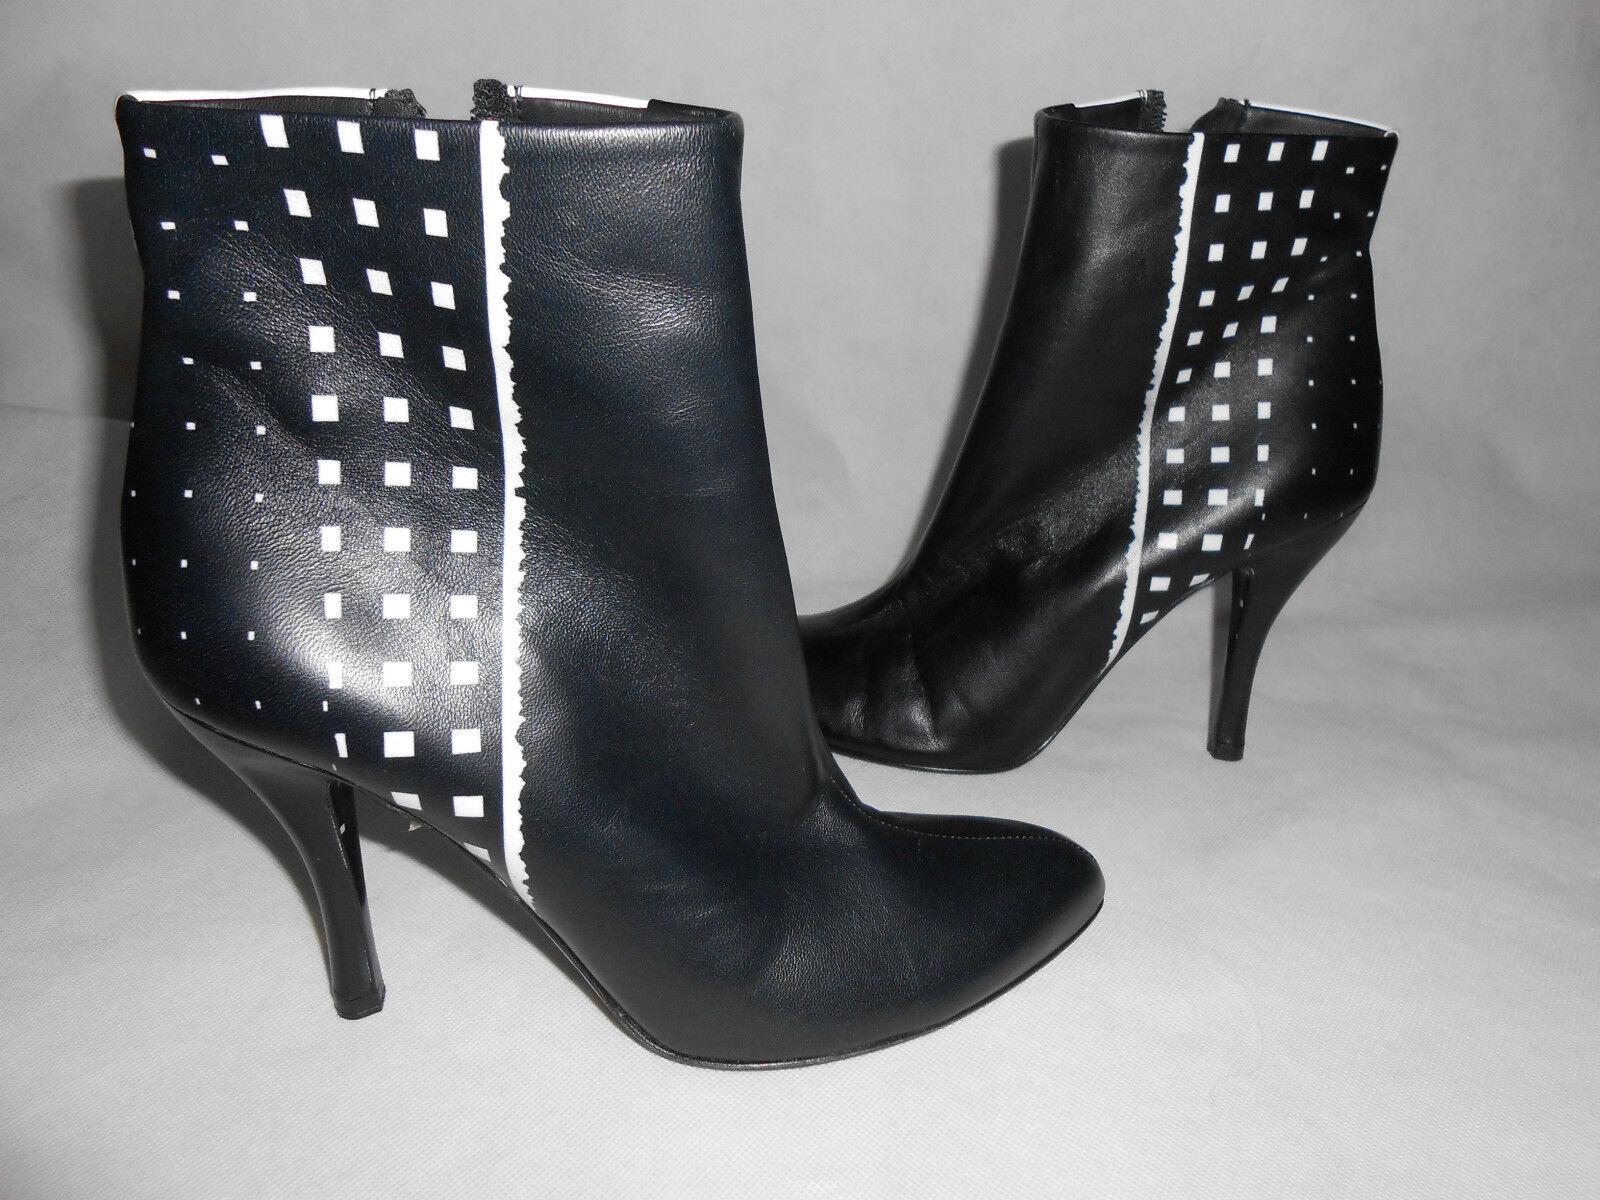 Nuevas botas de cuero Bally Amor UK6, 5/7 PVP